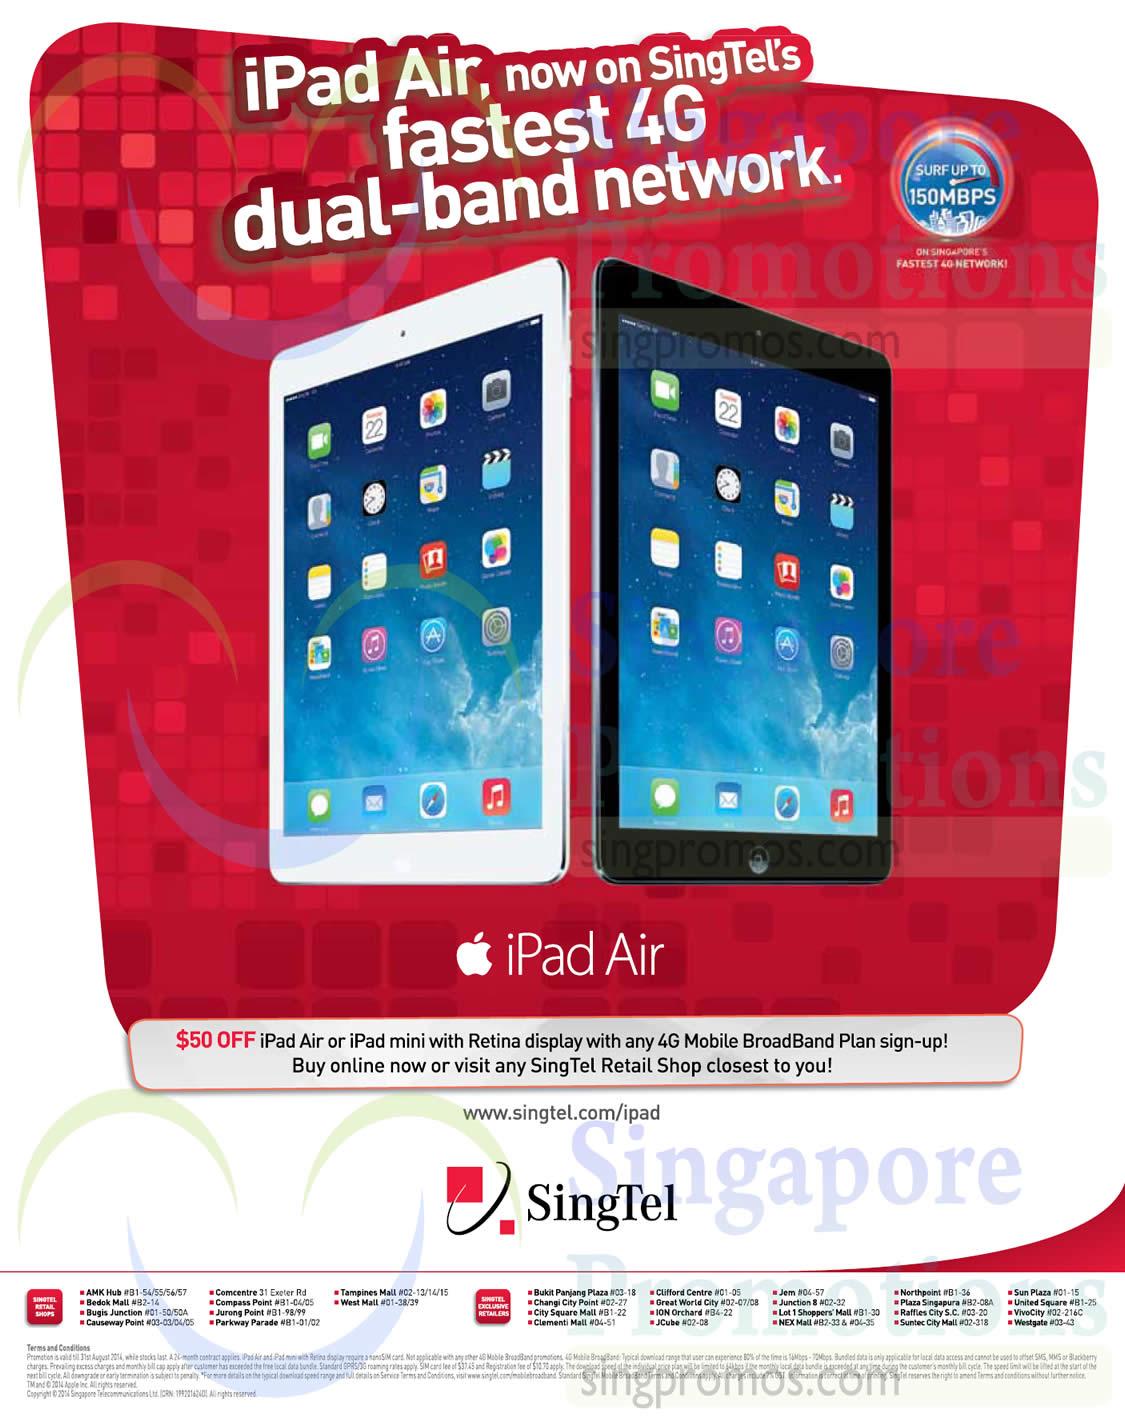 iPad Air or Ipad Mini 50 Dollar Off with Broadband Plan Sign